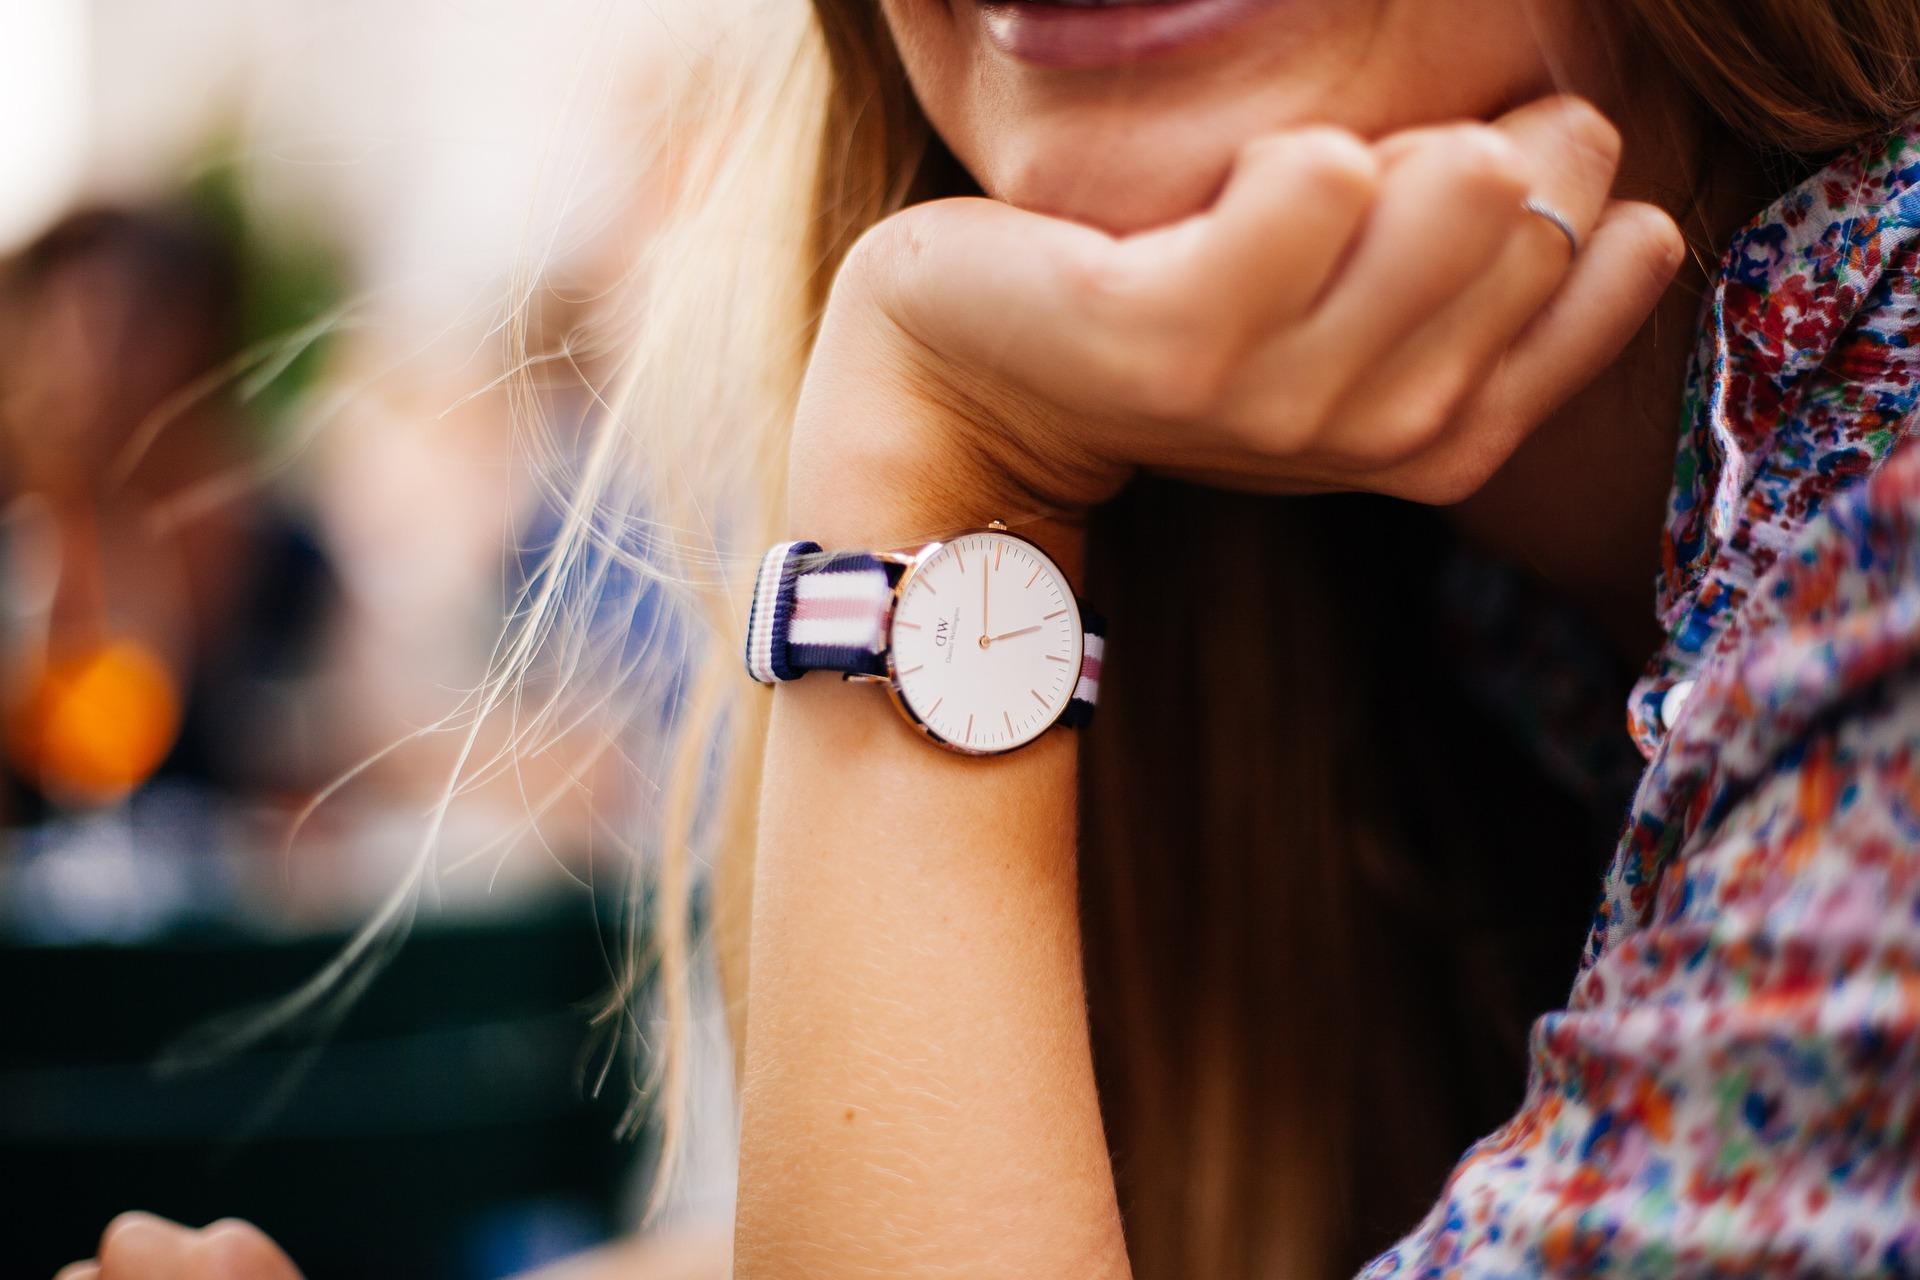 closeup of woman wearing watch